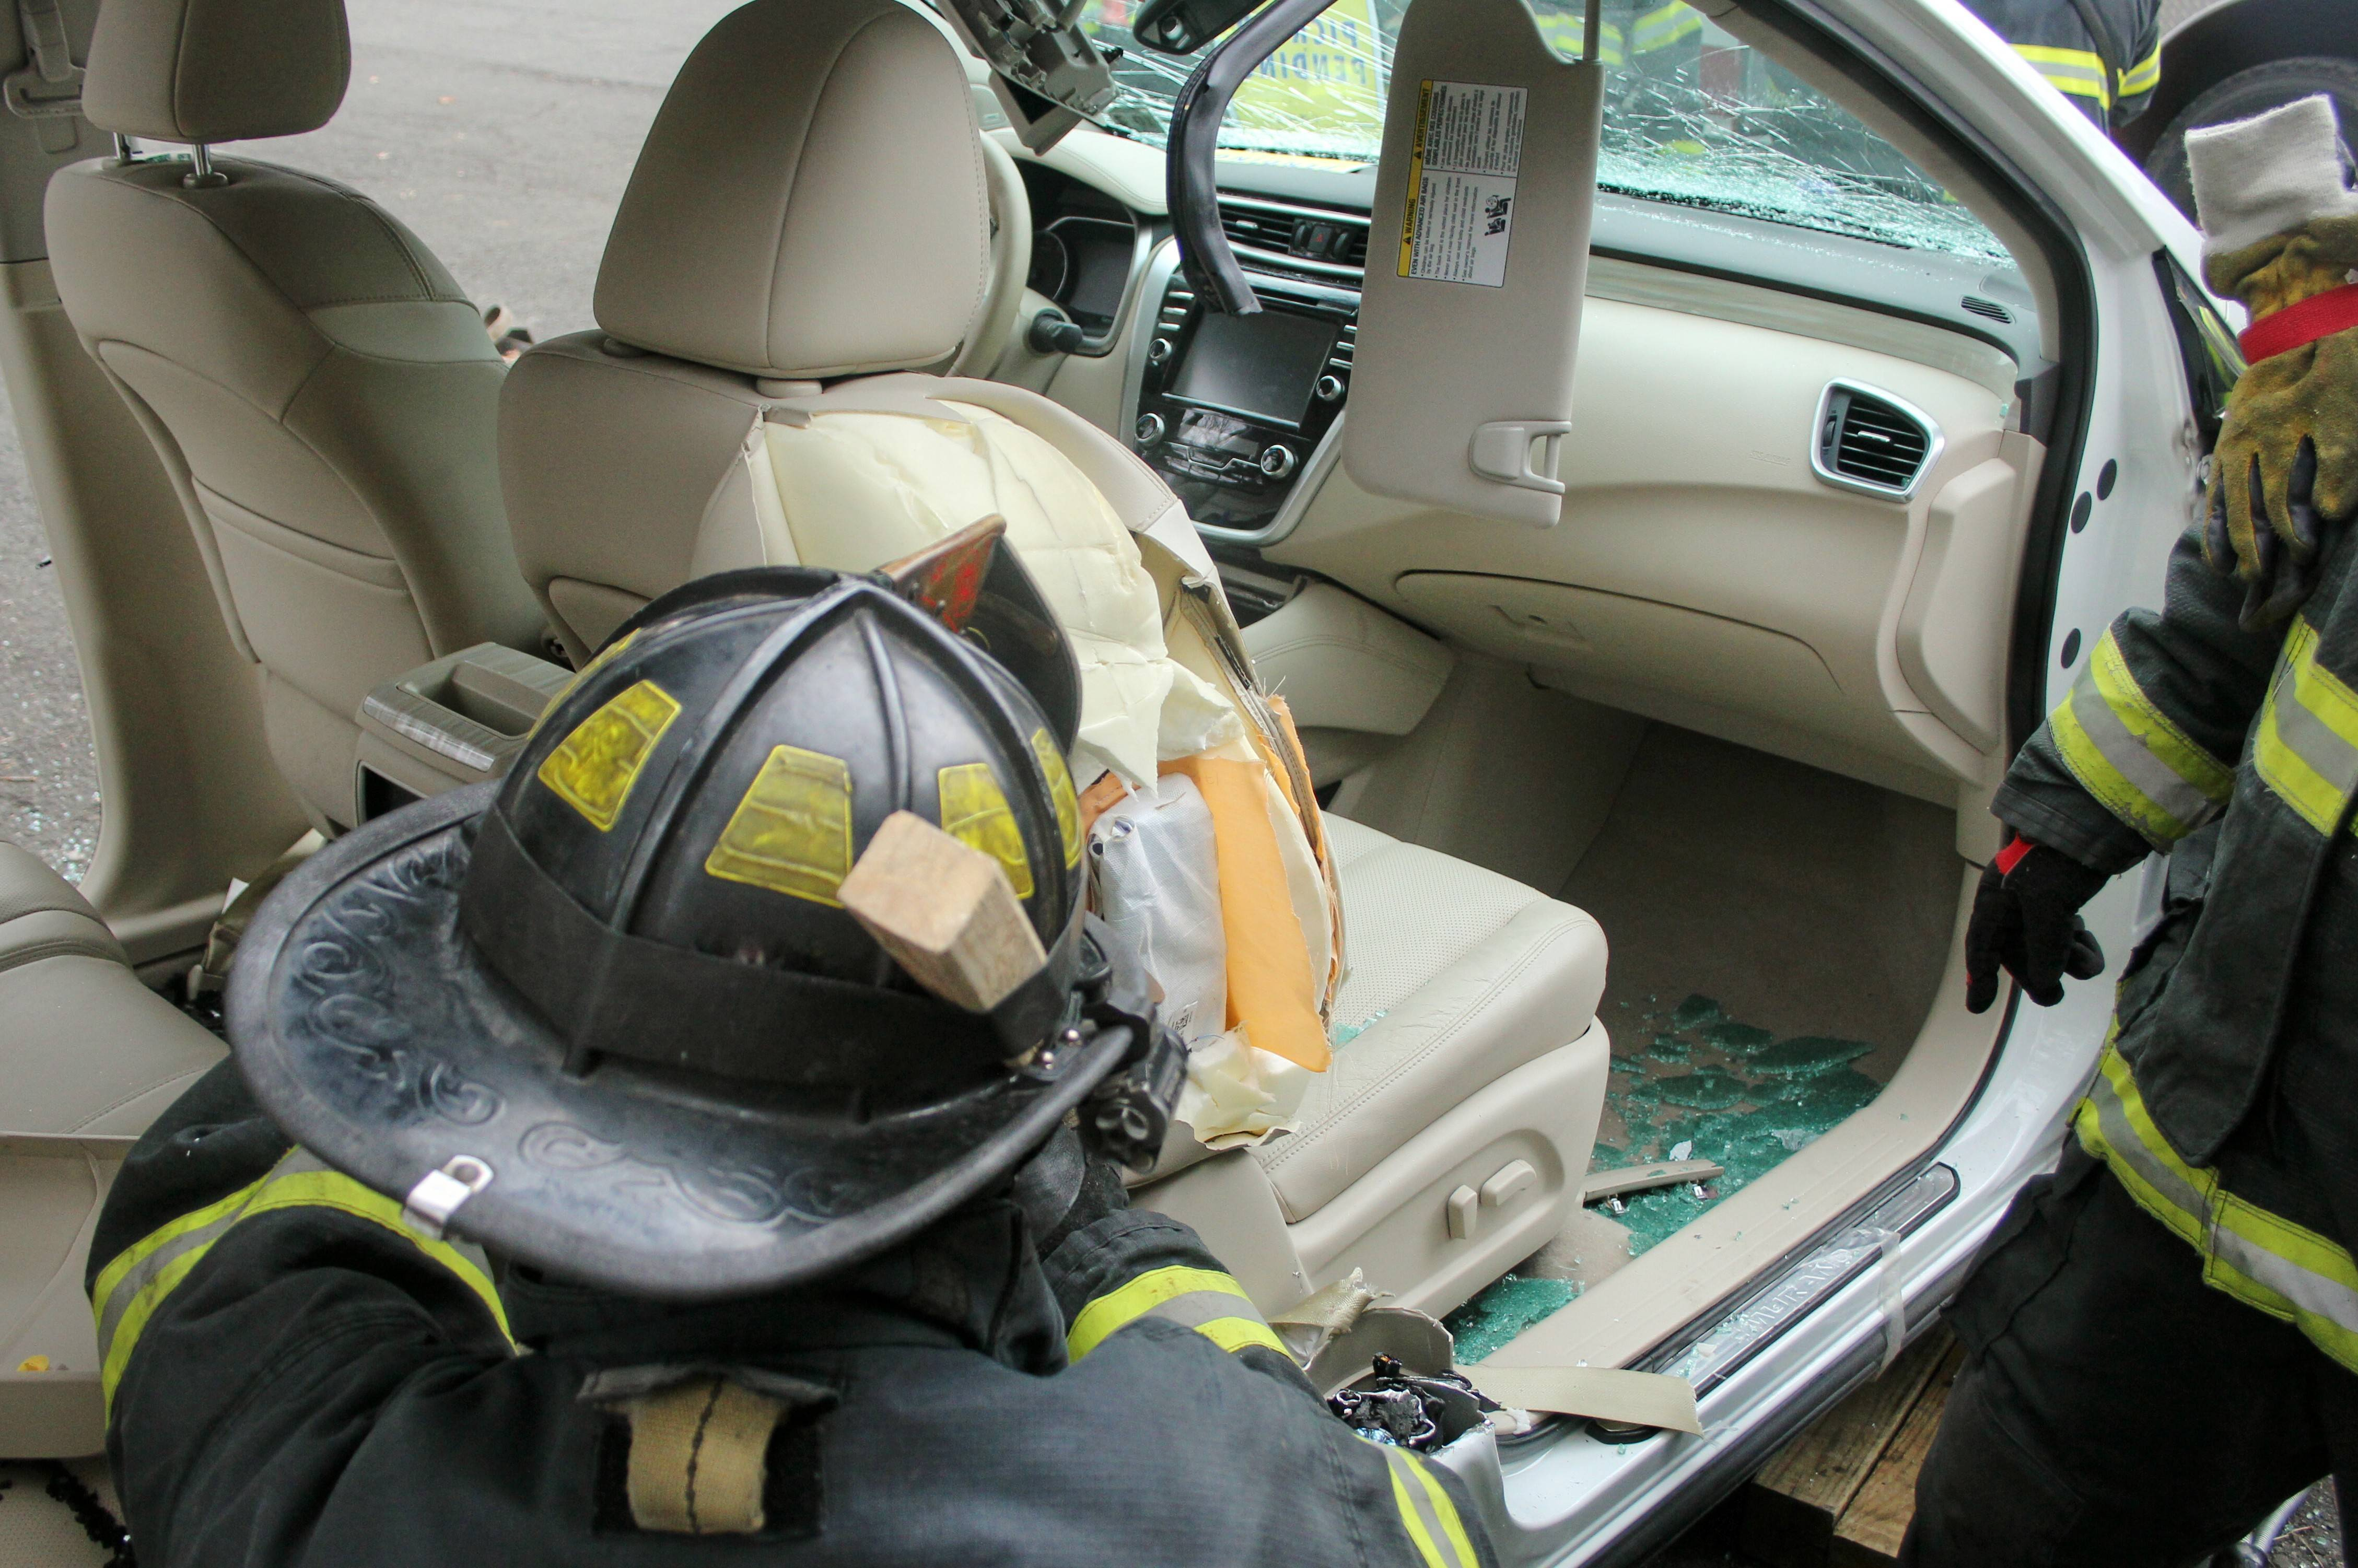 70118fdb8863ebd67f14_Nissan_Murano_Bloomfield_Fire_Department_Training_047.jpg